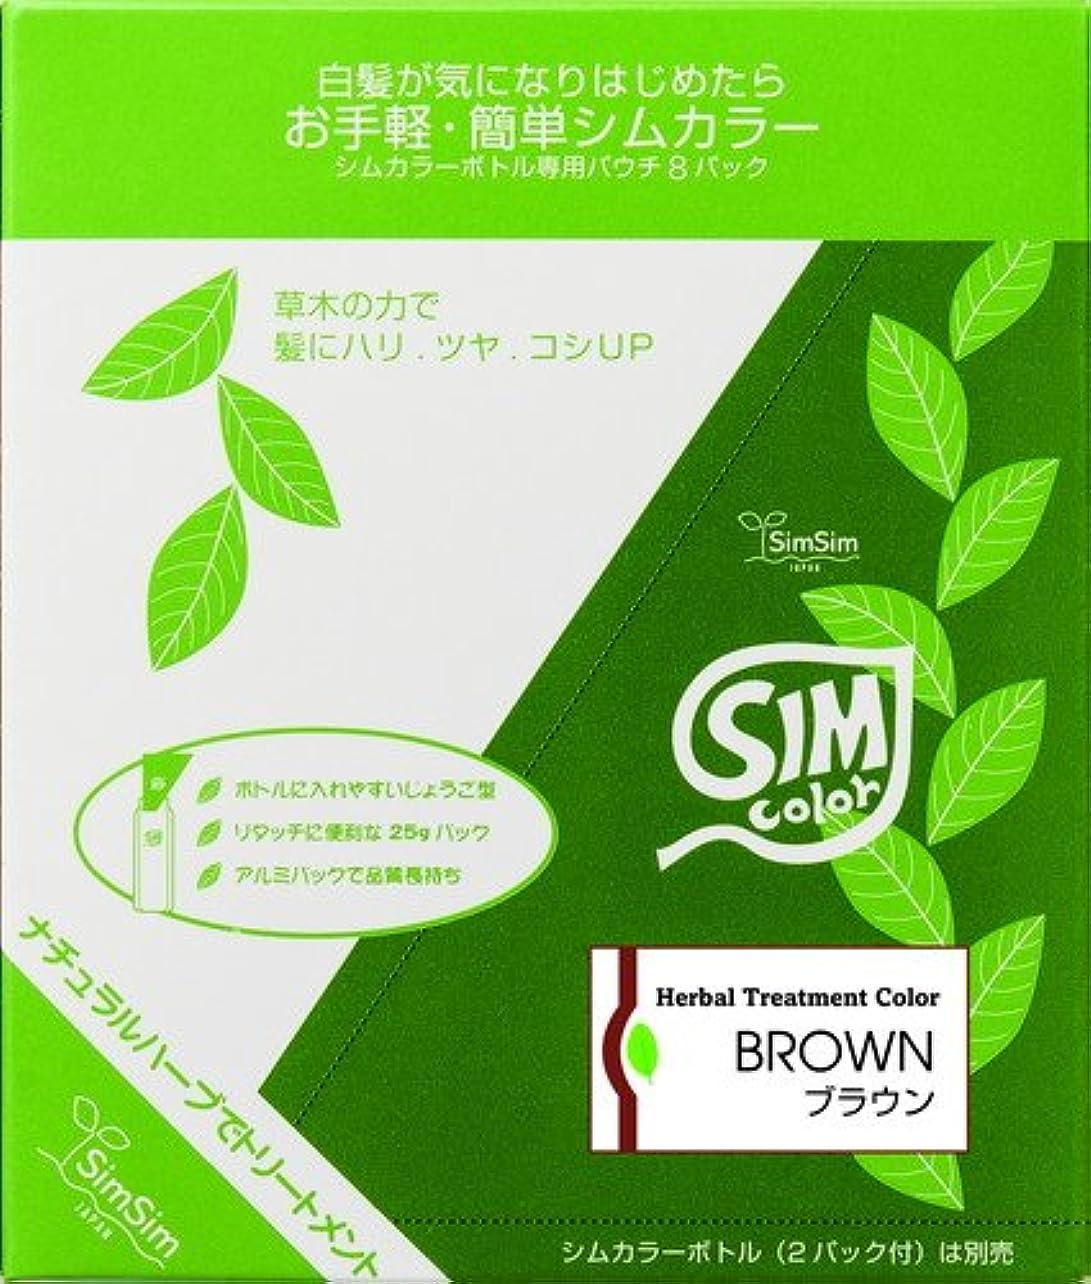 目的シャツ戦術SimSim(シムシム)お手軽簡単シムカラーエクストラ(EX)25g 8袋 ブラウン